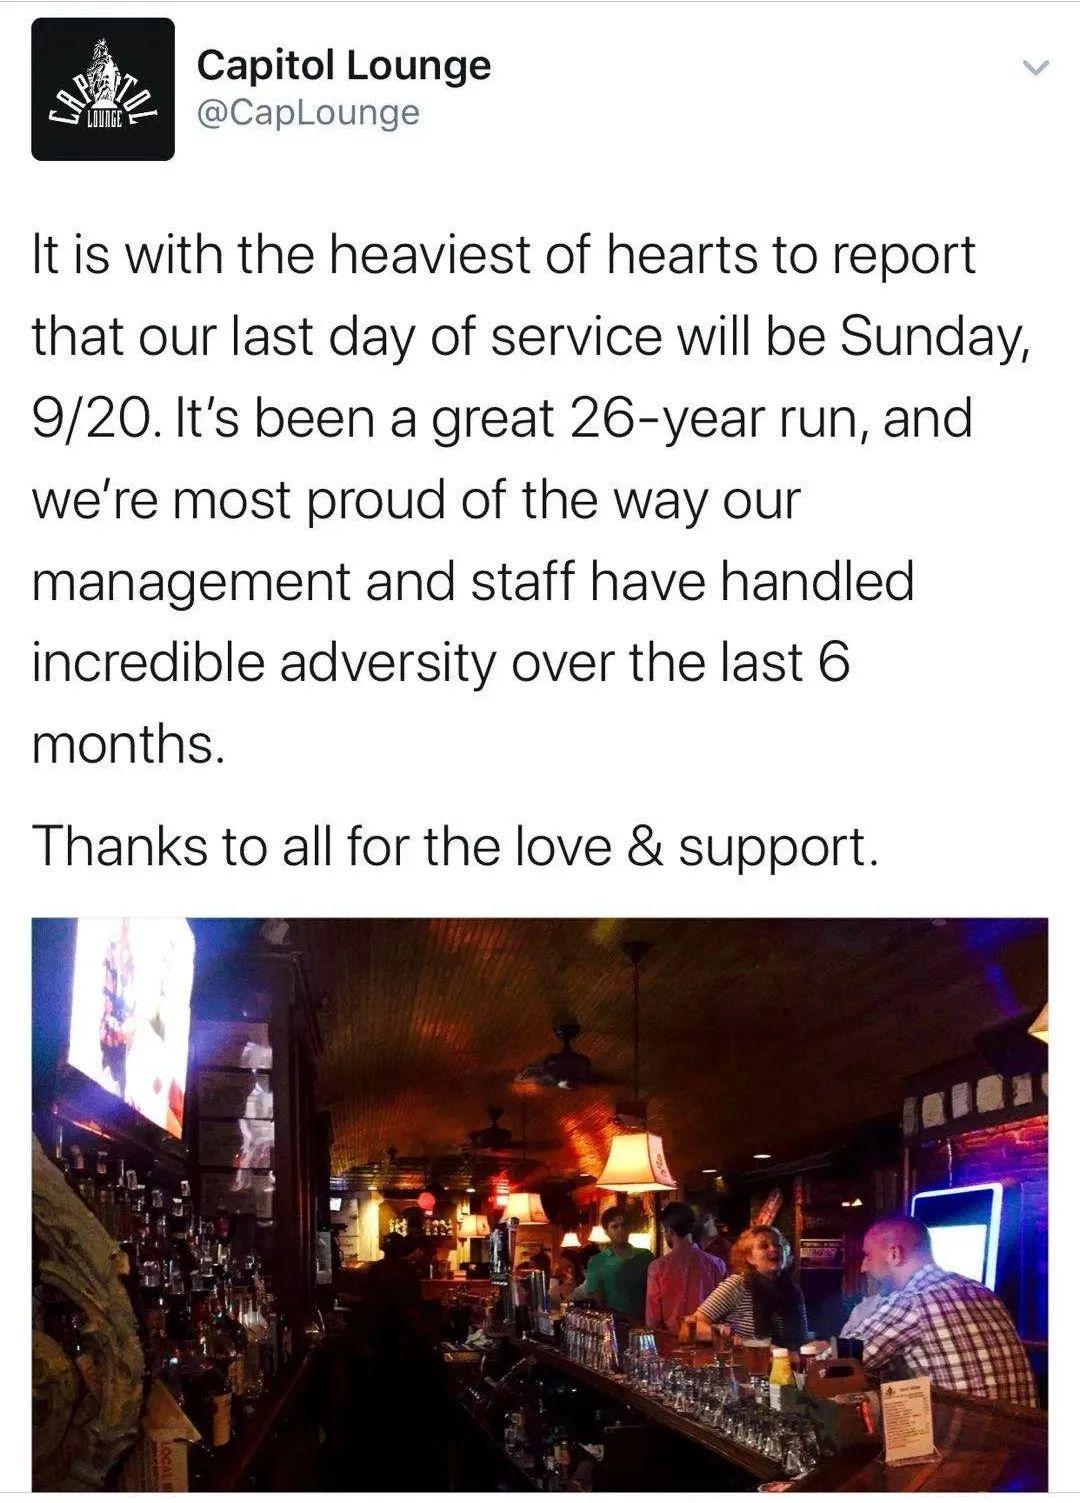 美国政客常去的酒吧倒闭了 他们一边惋惜一边踢皮球